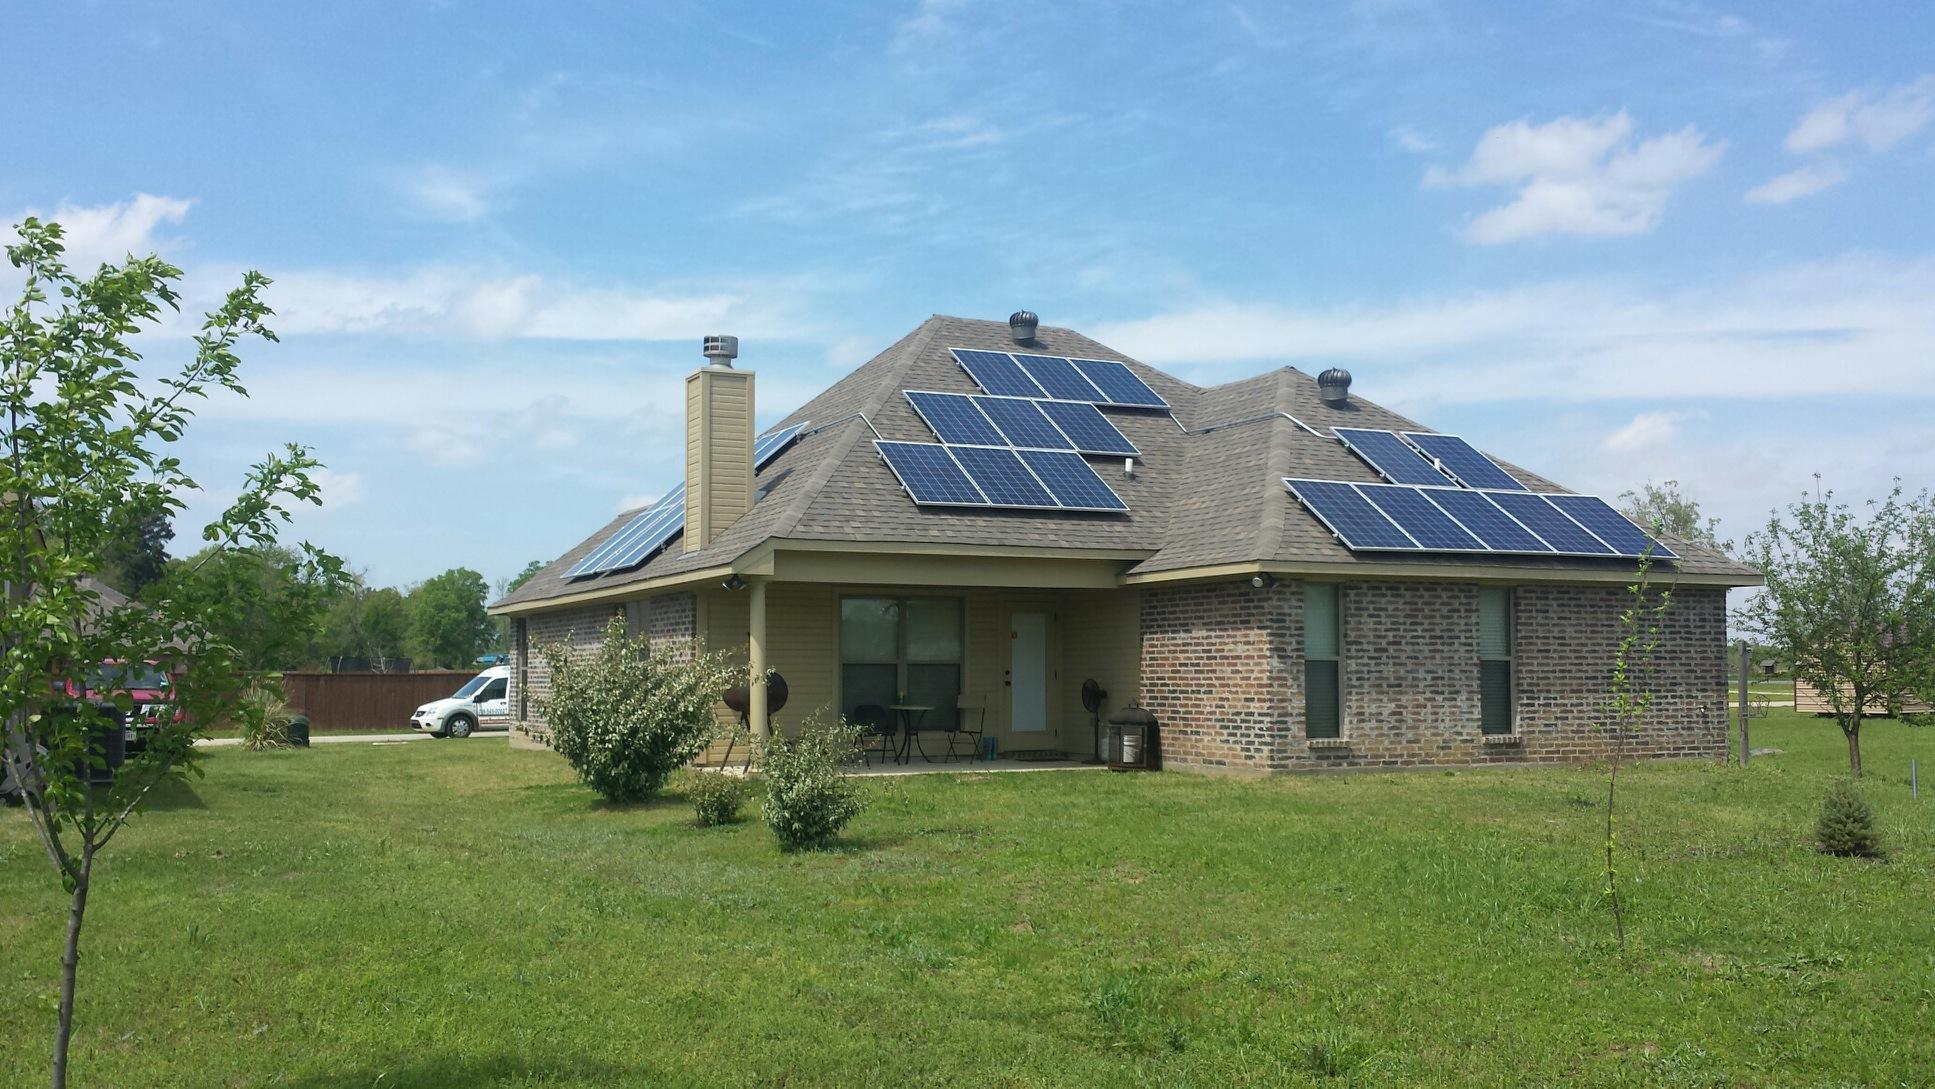 San Antonio Solar Panels